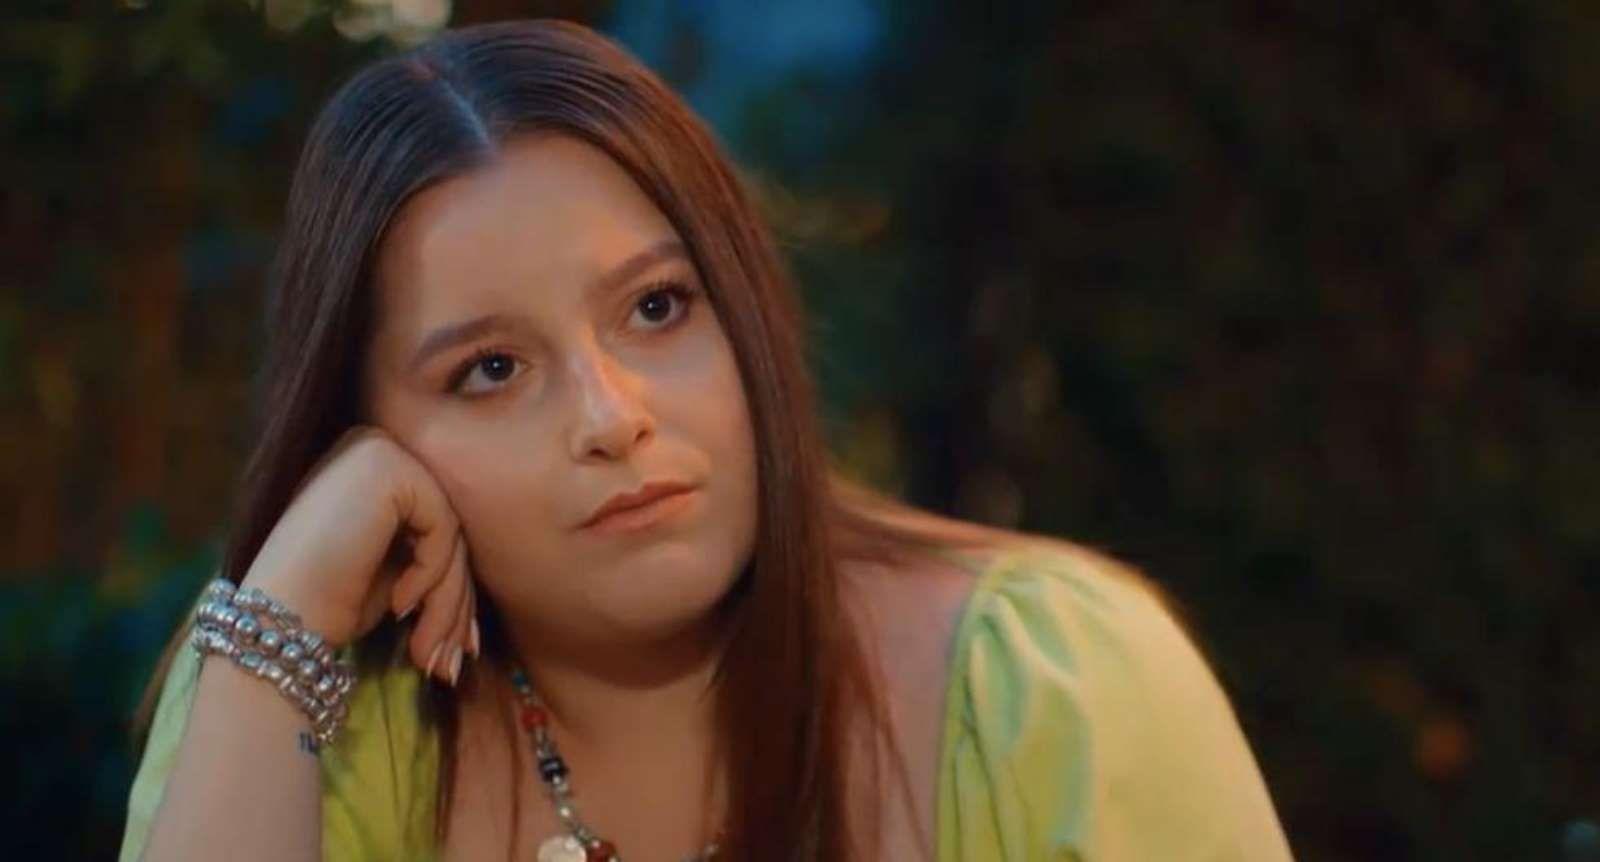 Avance diario de 'Love is in the air': Mal de amores entre Melo y Burak